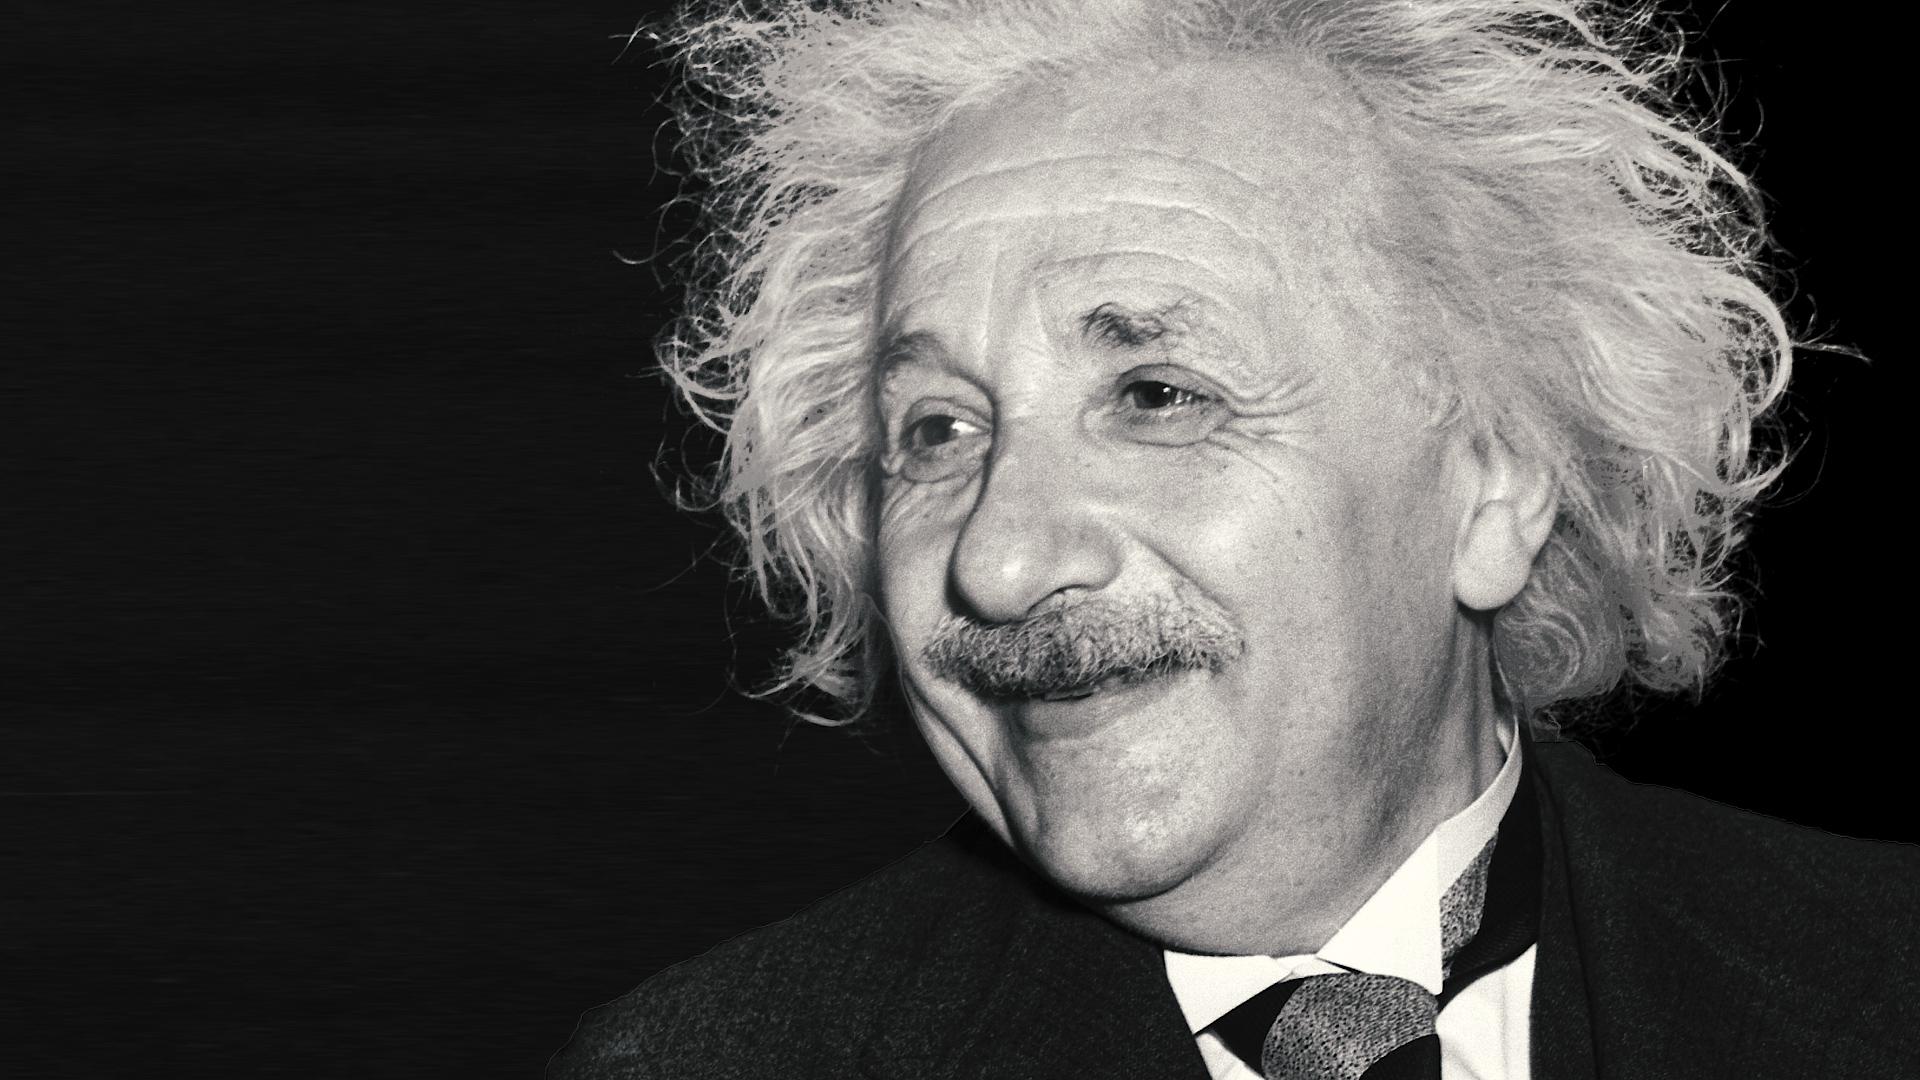 Οι Διάσημοι Μαθηματικοί – Δείτε τη λίστα